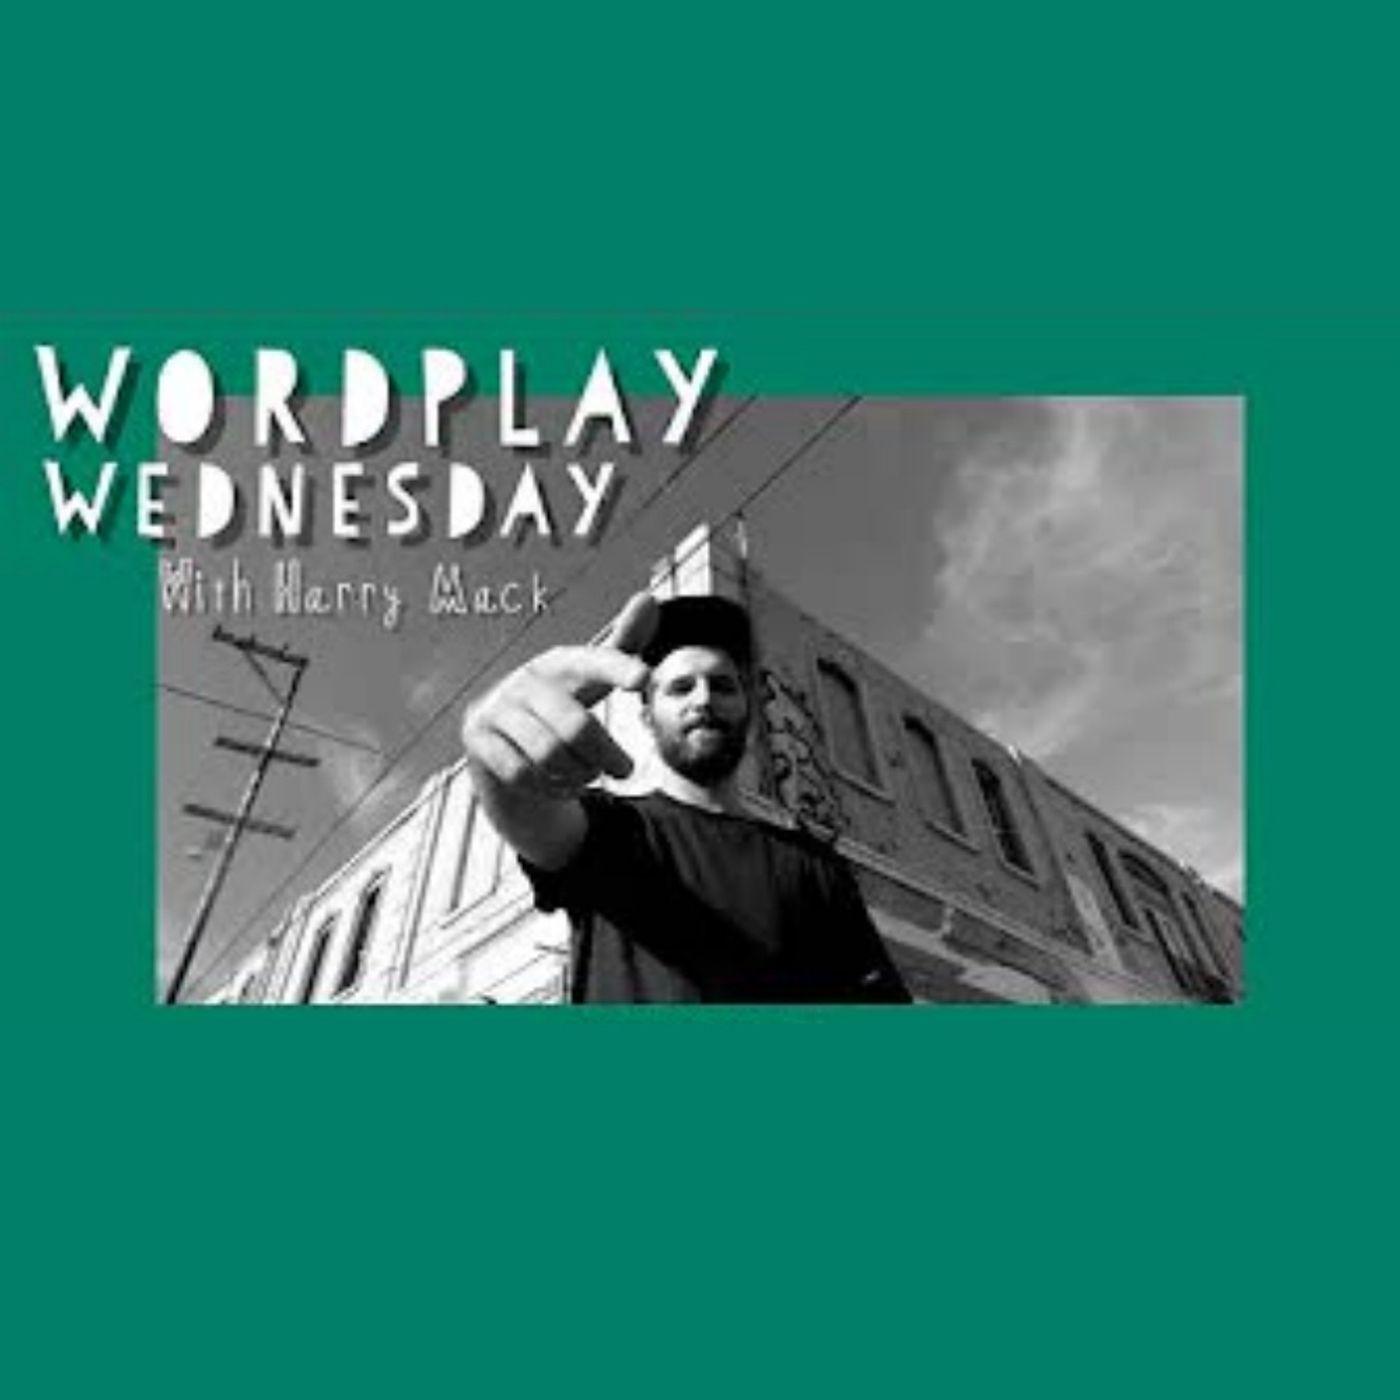 Wordplay Wednesday with Harry Mack #33 (3/18/20)